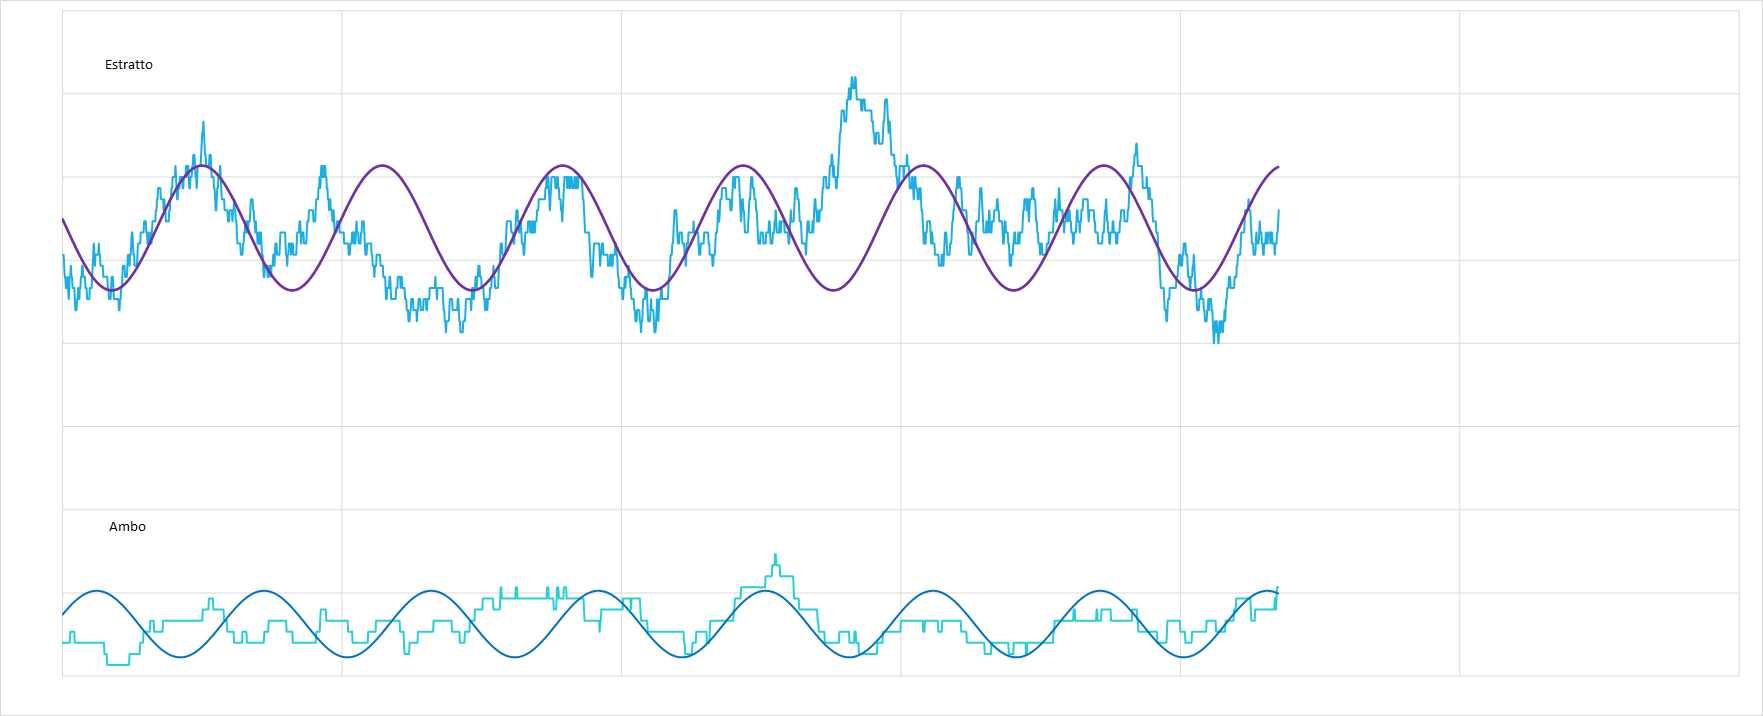 Ipotetico andamento sinusoidale interpolante per le medie dell'estratto e dell'ambo - Aggiornato all'estrazione precedente il 1 Aprile 2021